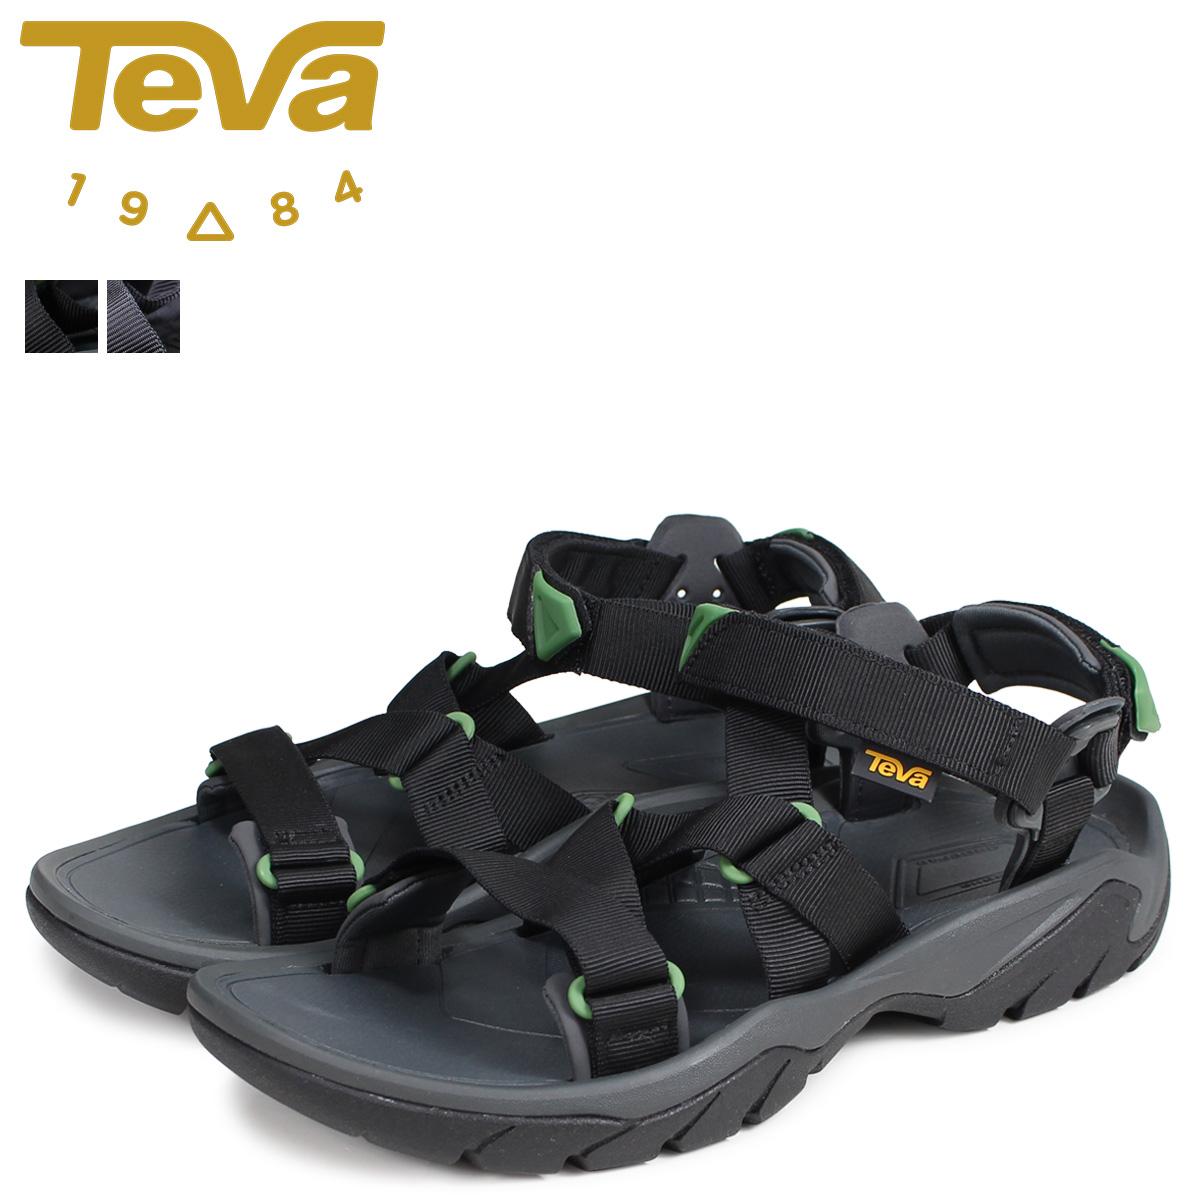 【お買い物マラソンSALE】 Teva テバ サンダル テラ メンズ TERRA FI 5 SPORT ブラック グレー 黒 1099441